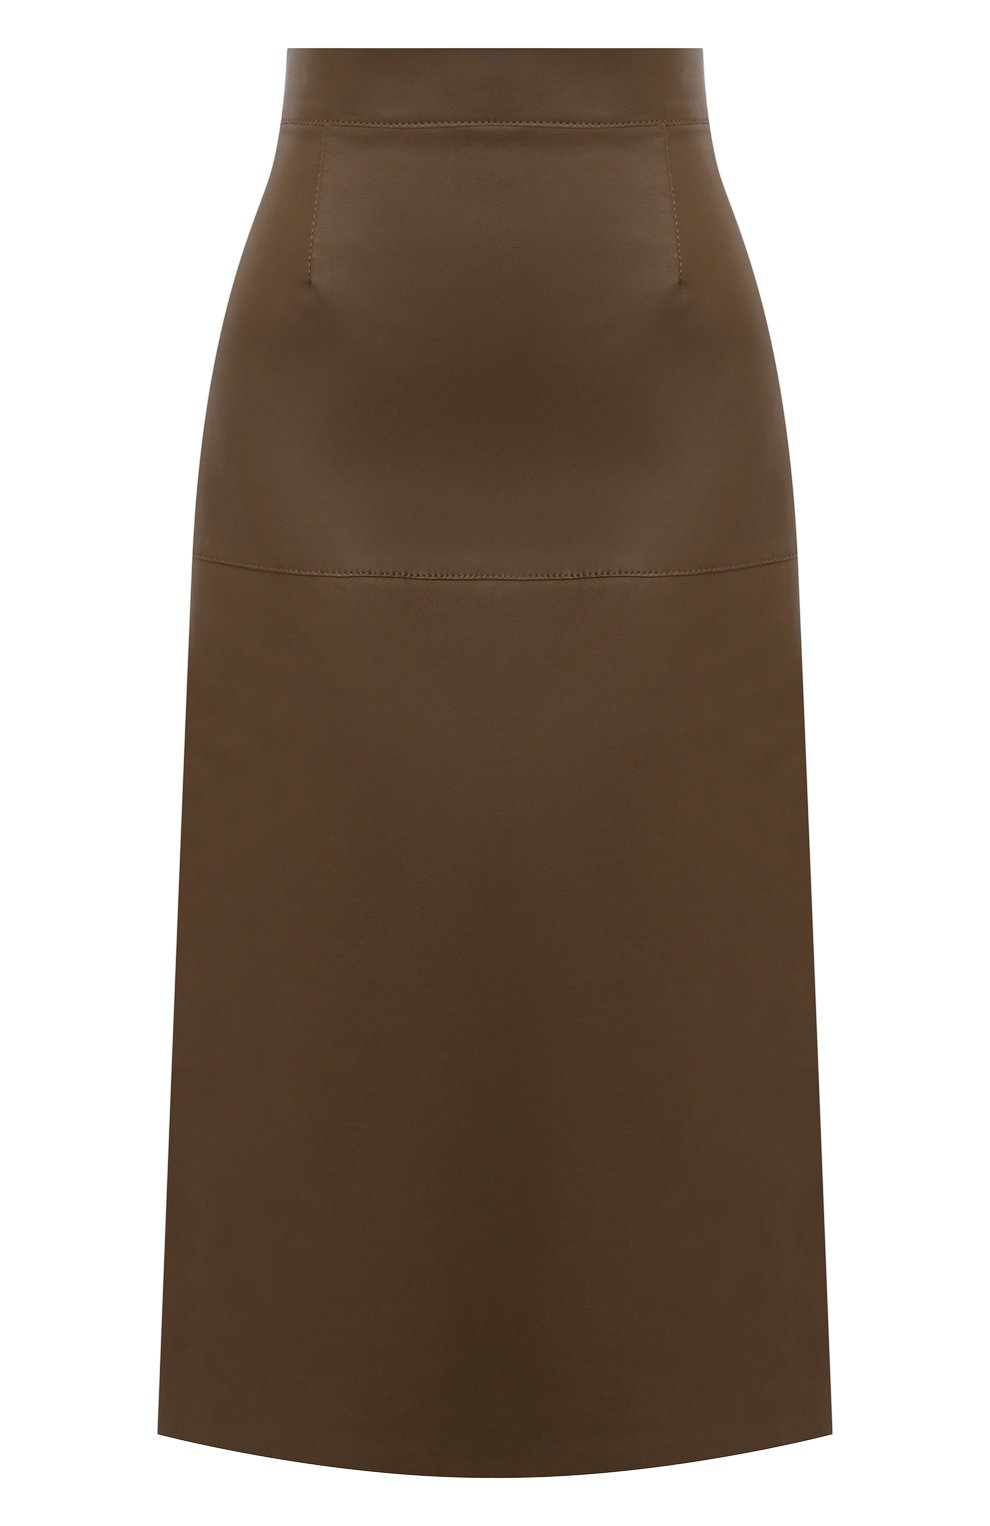 Женская кожаная юбка INES&MARECHAL коричневого цвета, арт. DAISY CUIR AGNEAU SINTRA | Фото 1